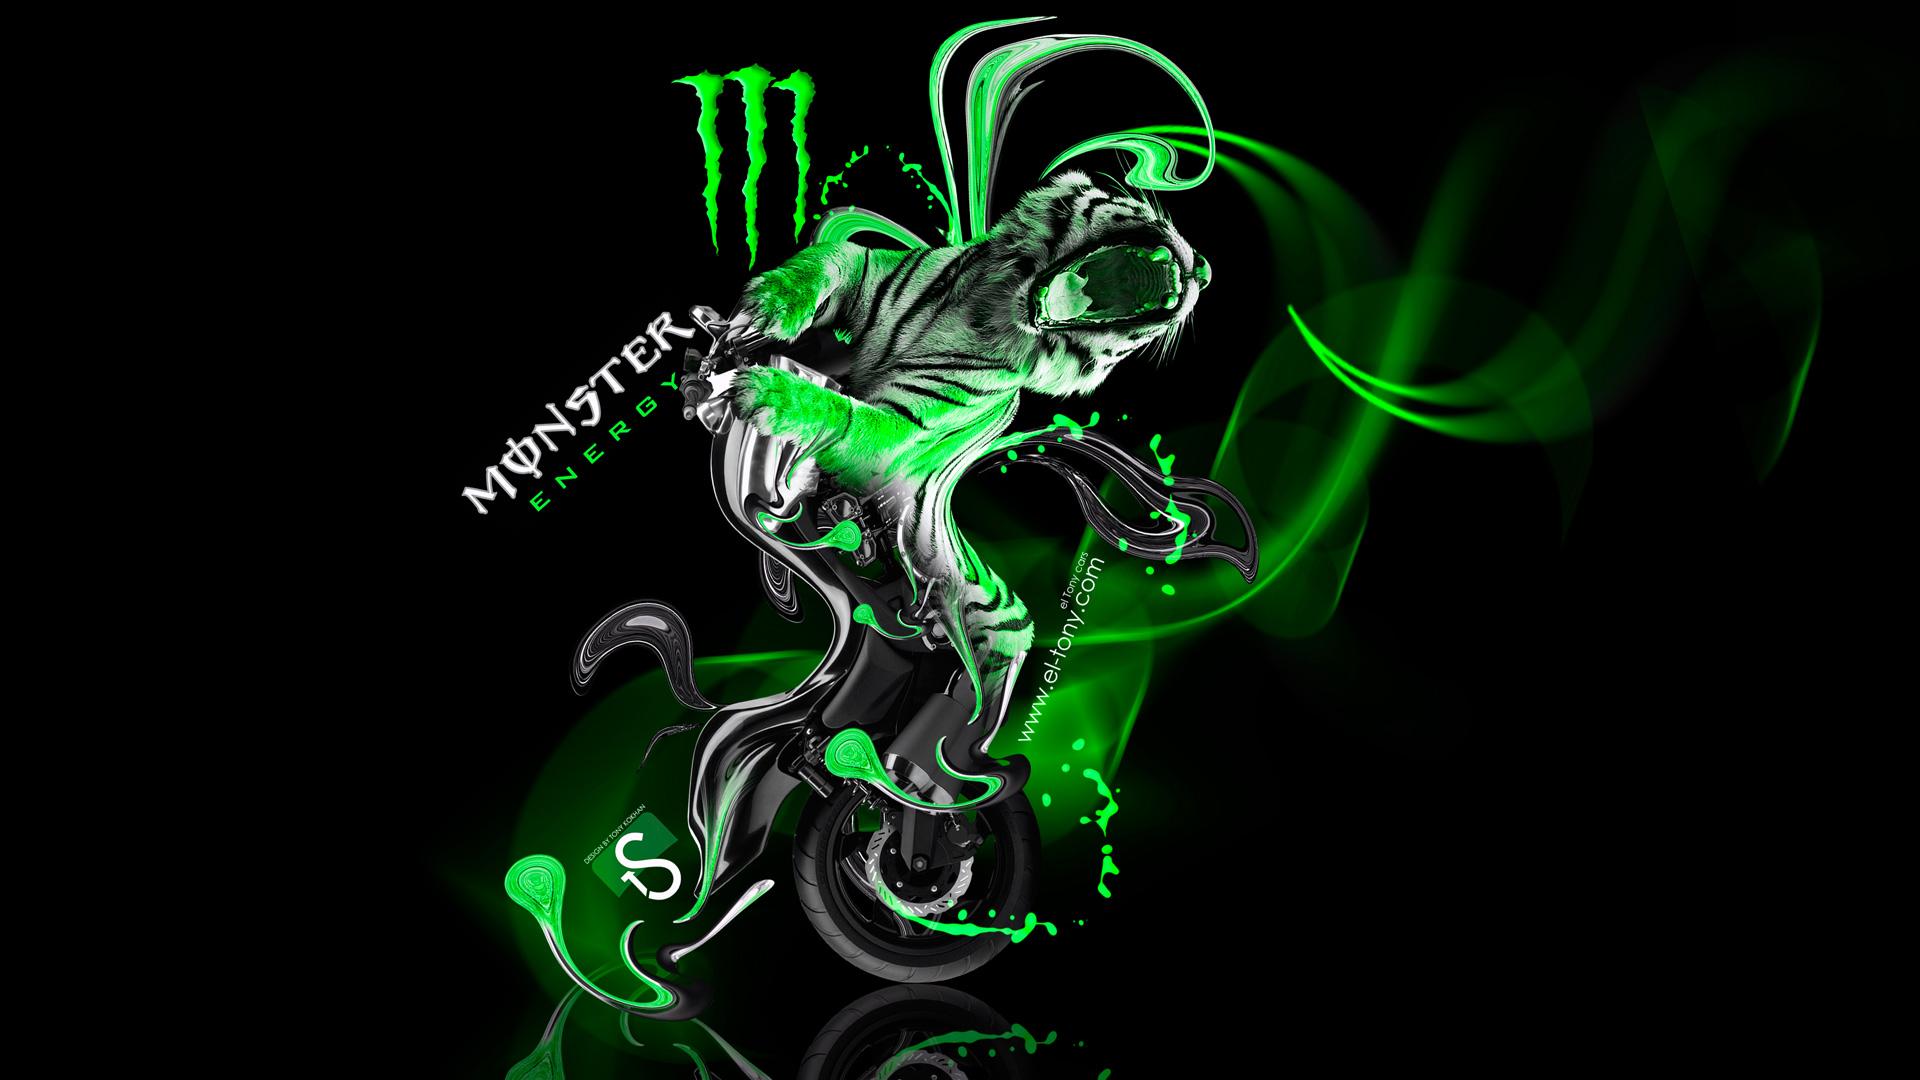 Monster Energy Green Fantasy Wallpaper Desktop #20860 Wallpaper ...